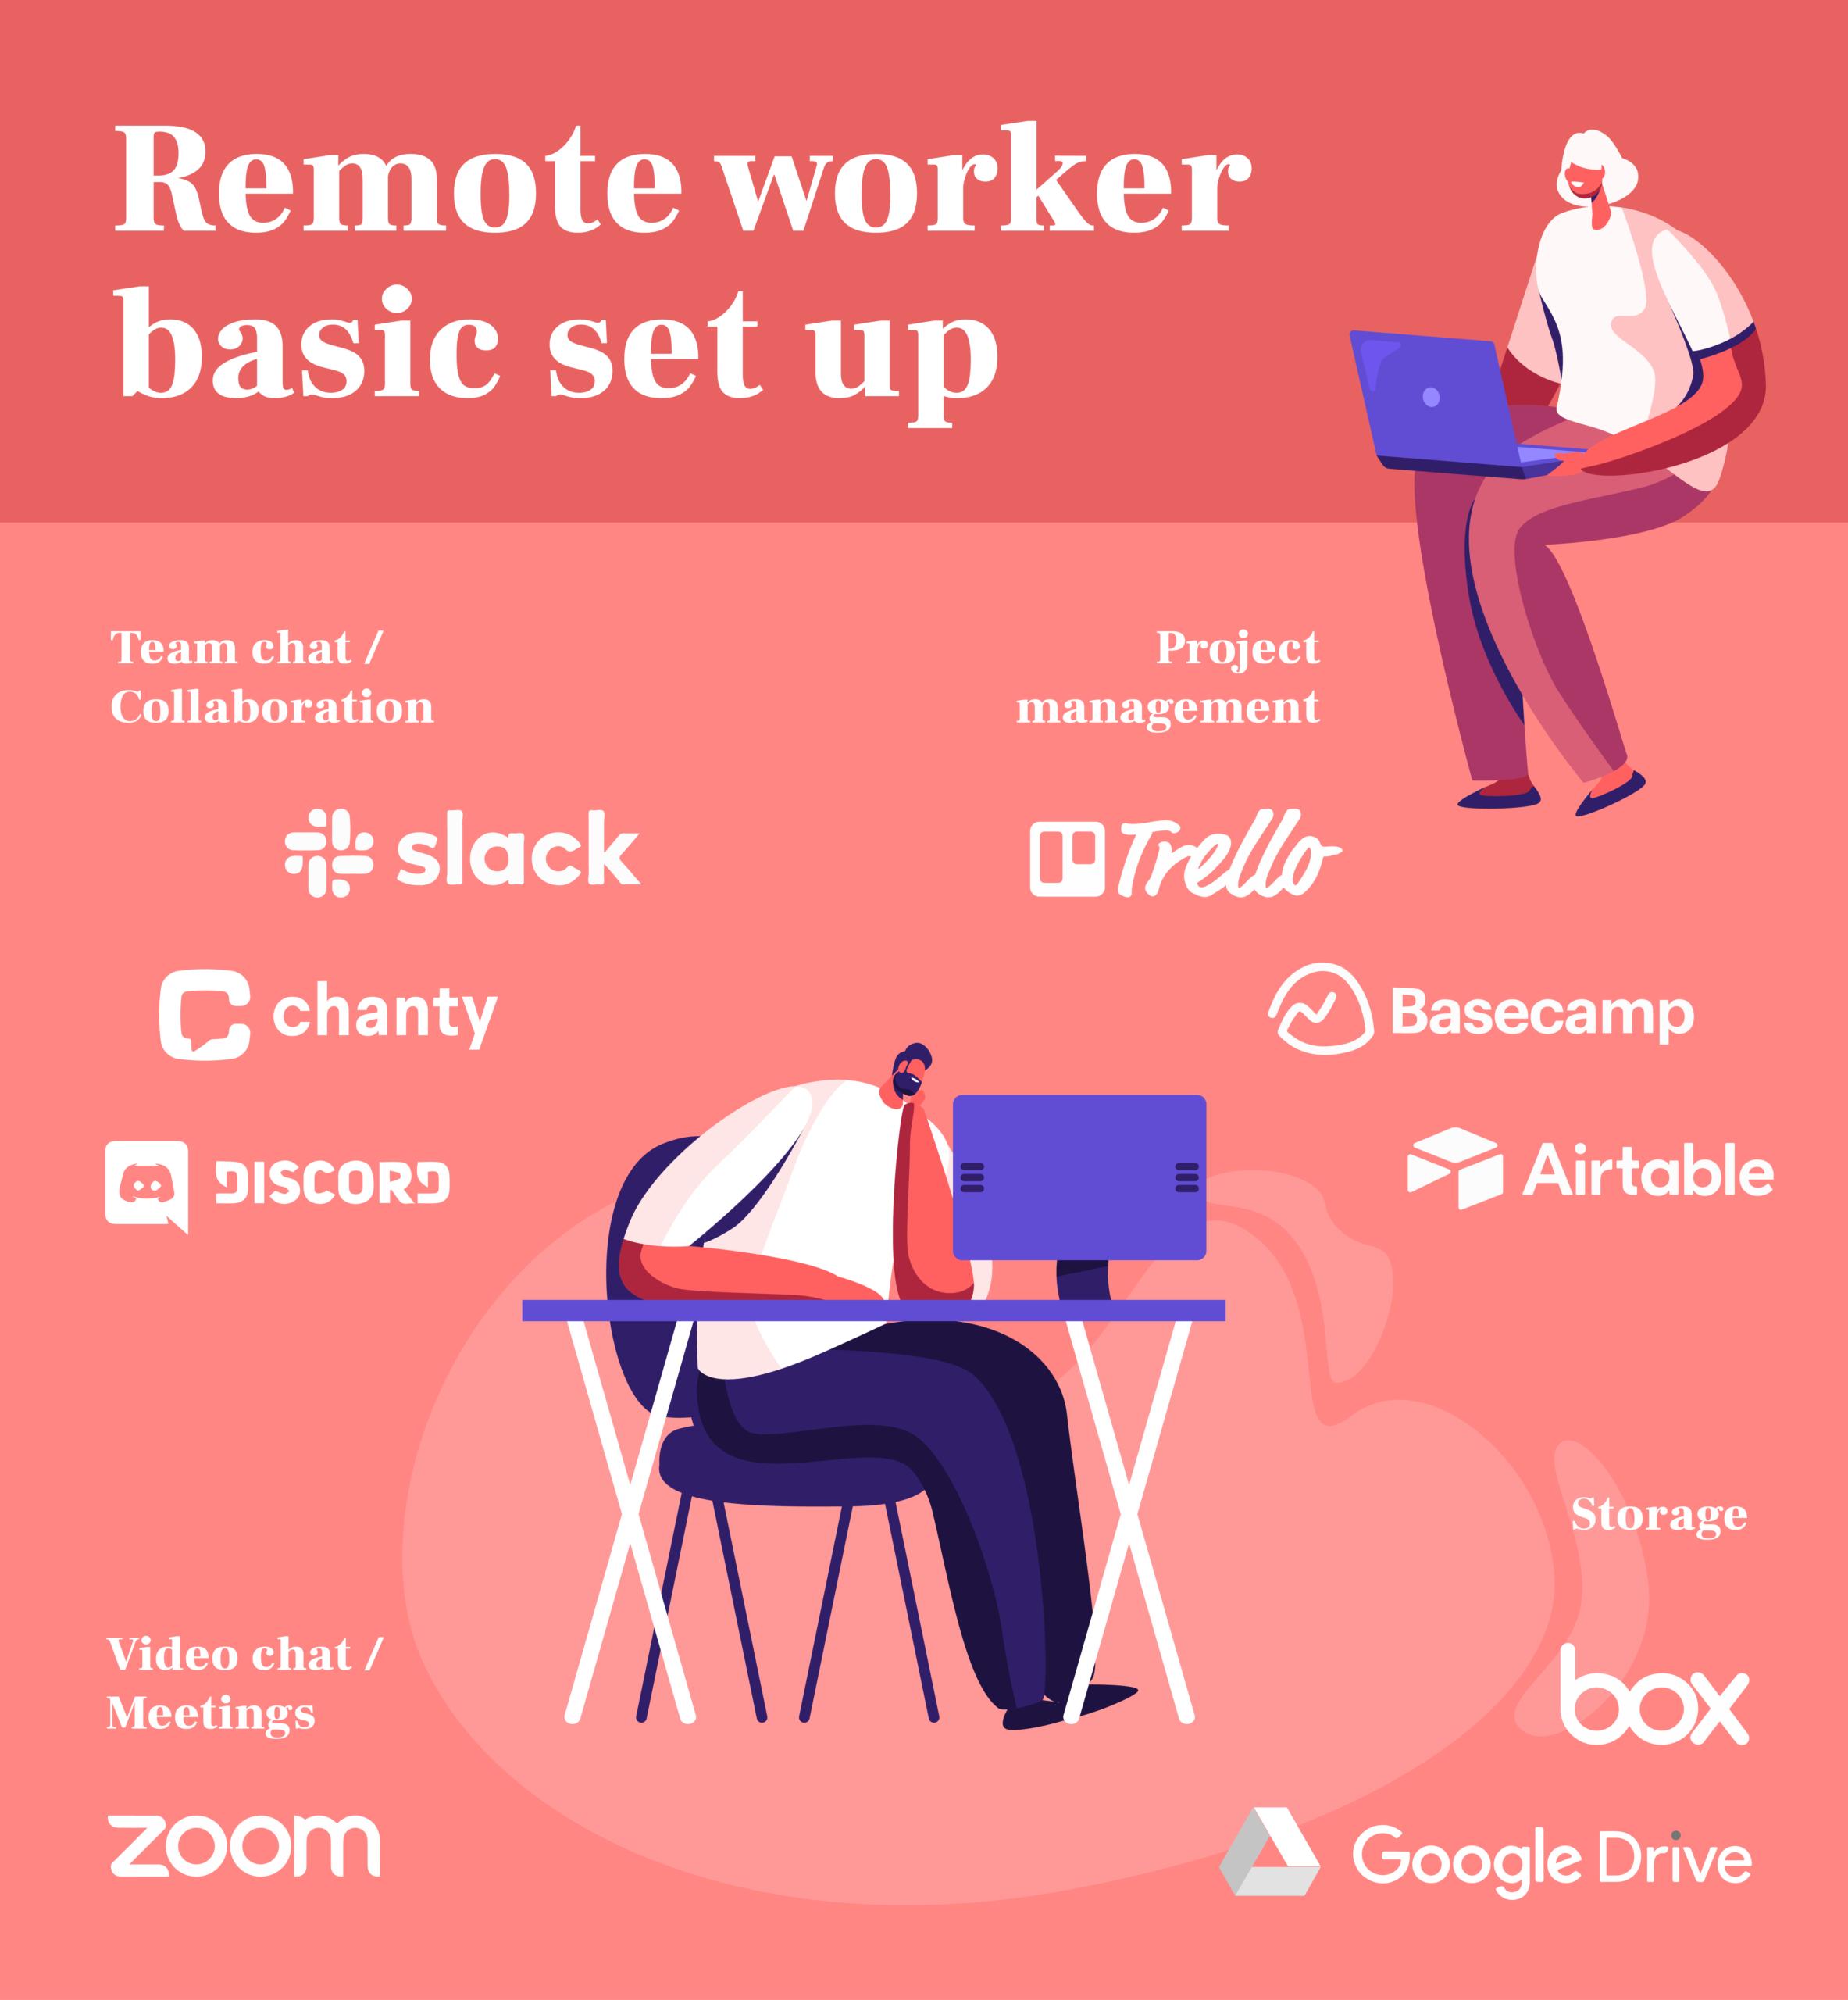 remote-worker-basic-set-up